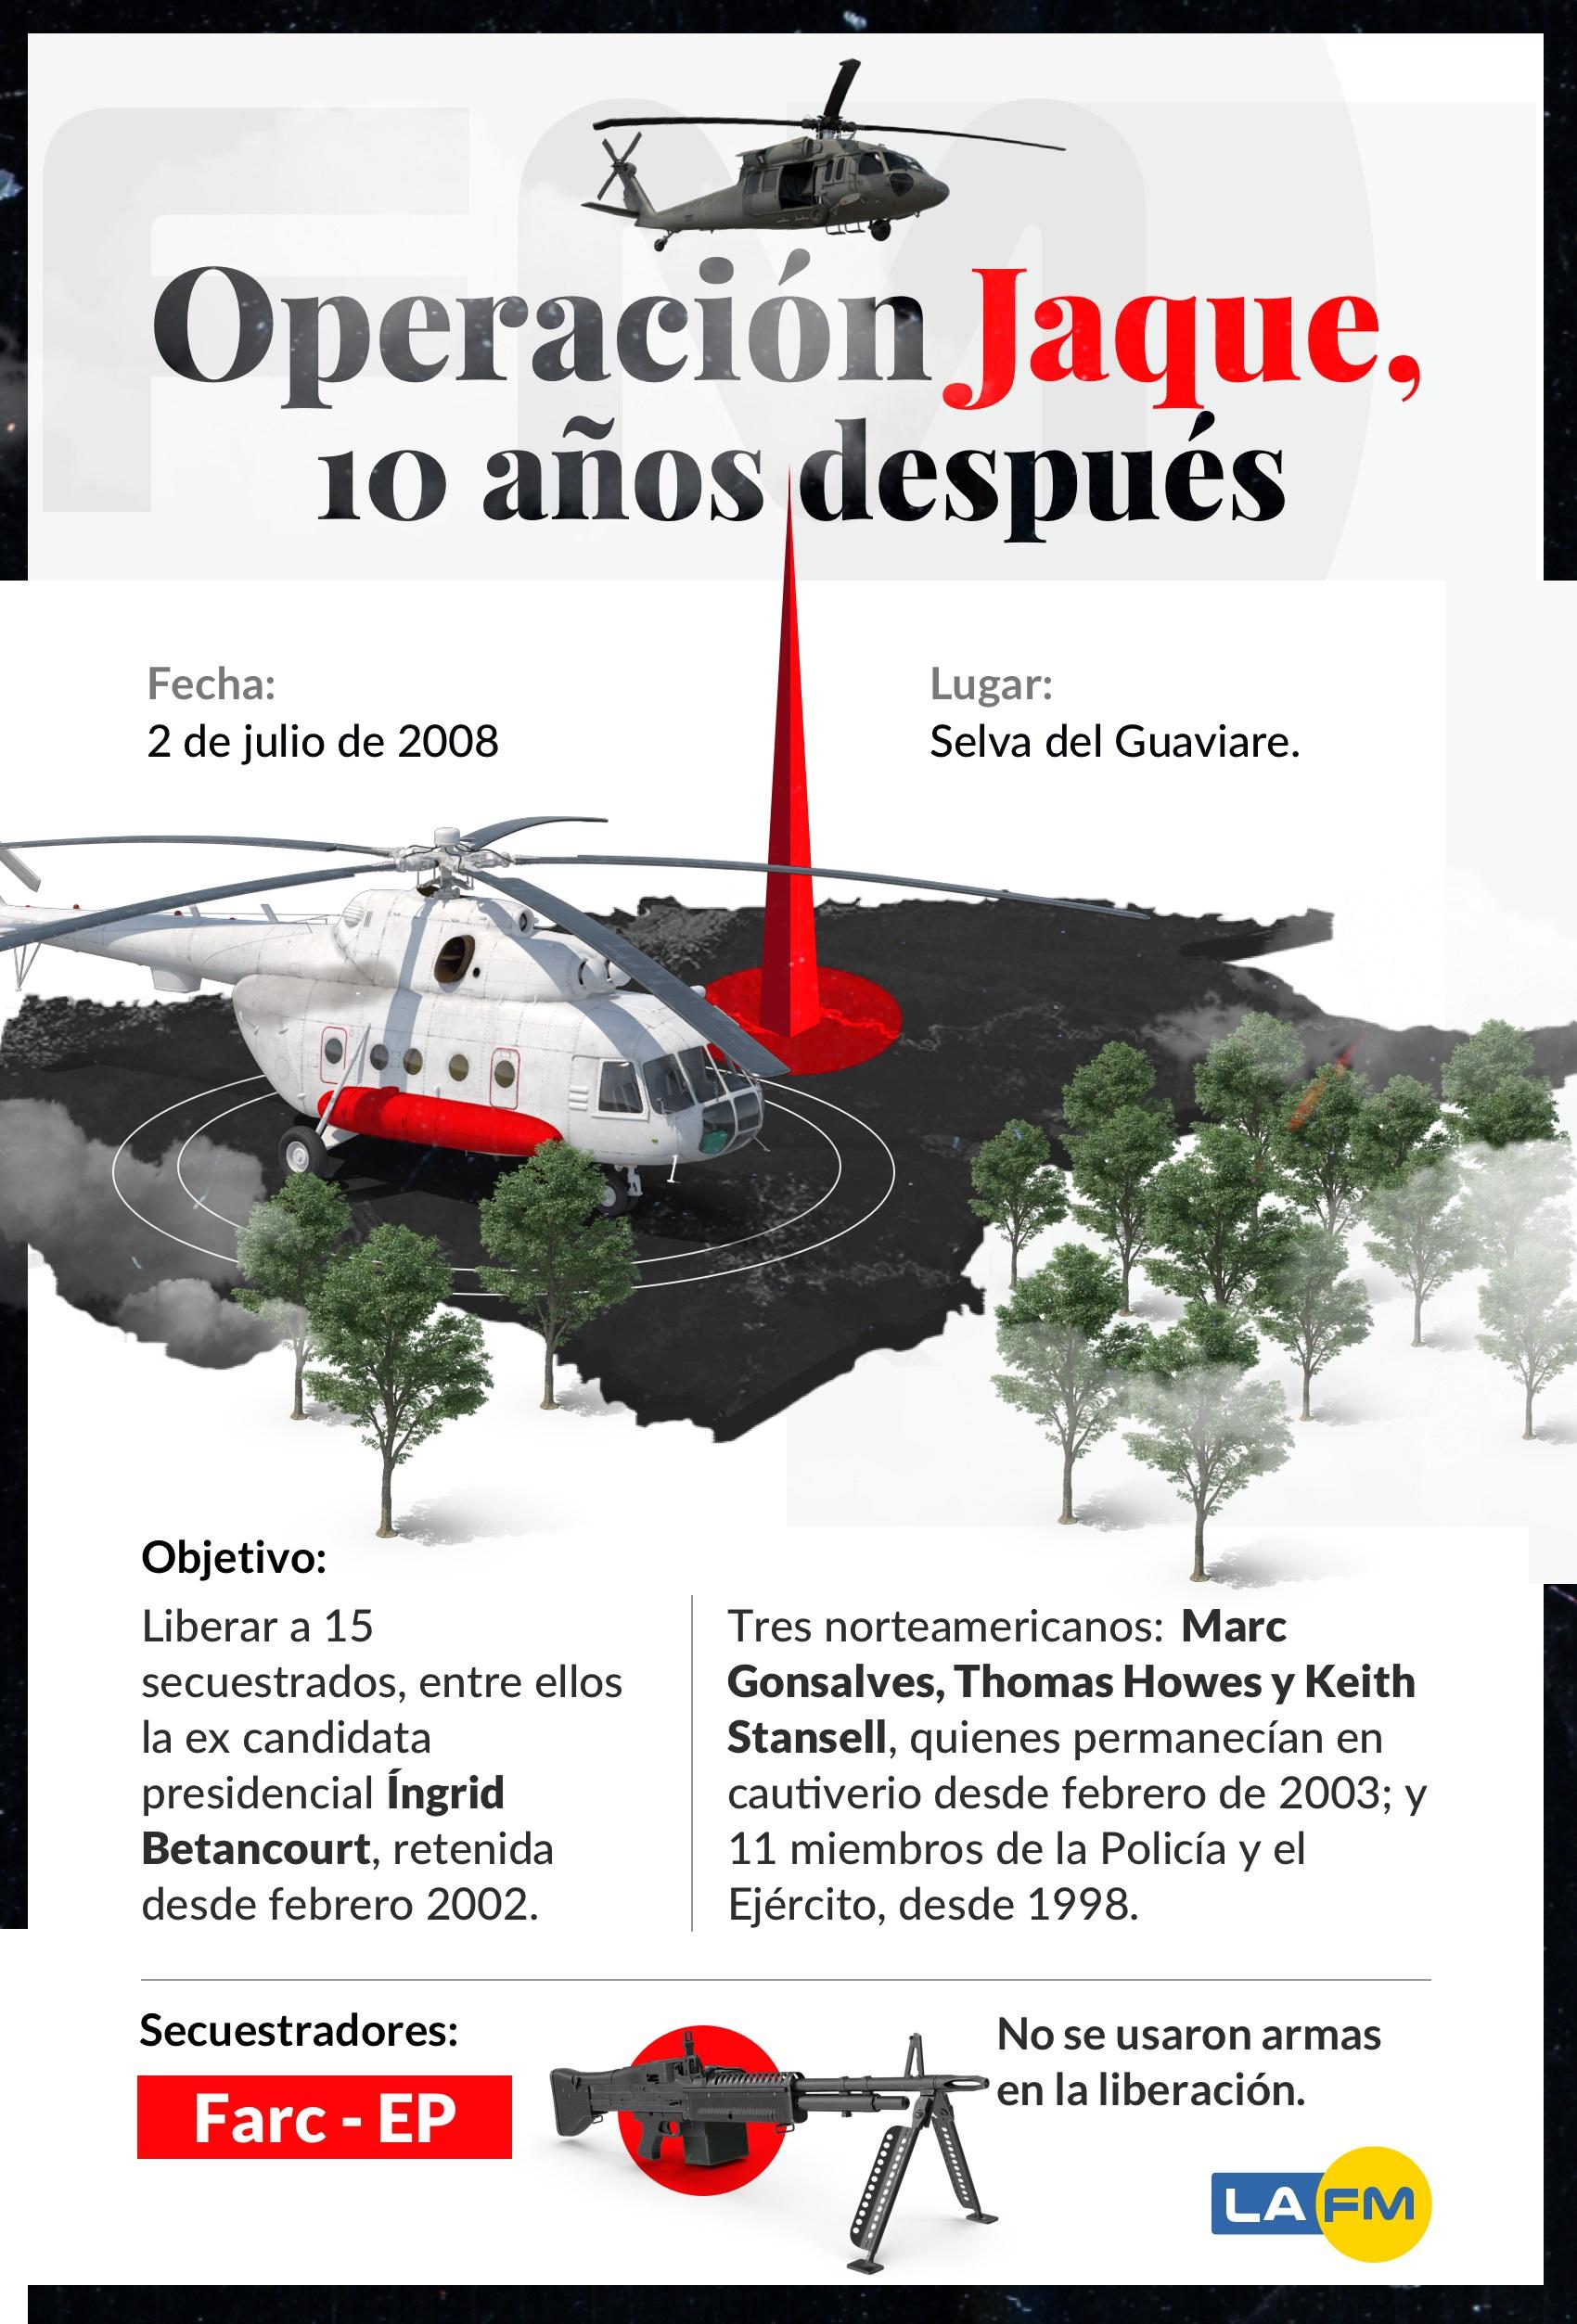 Datos sobre la Operación Jaque